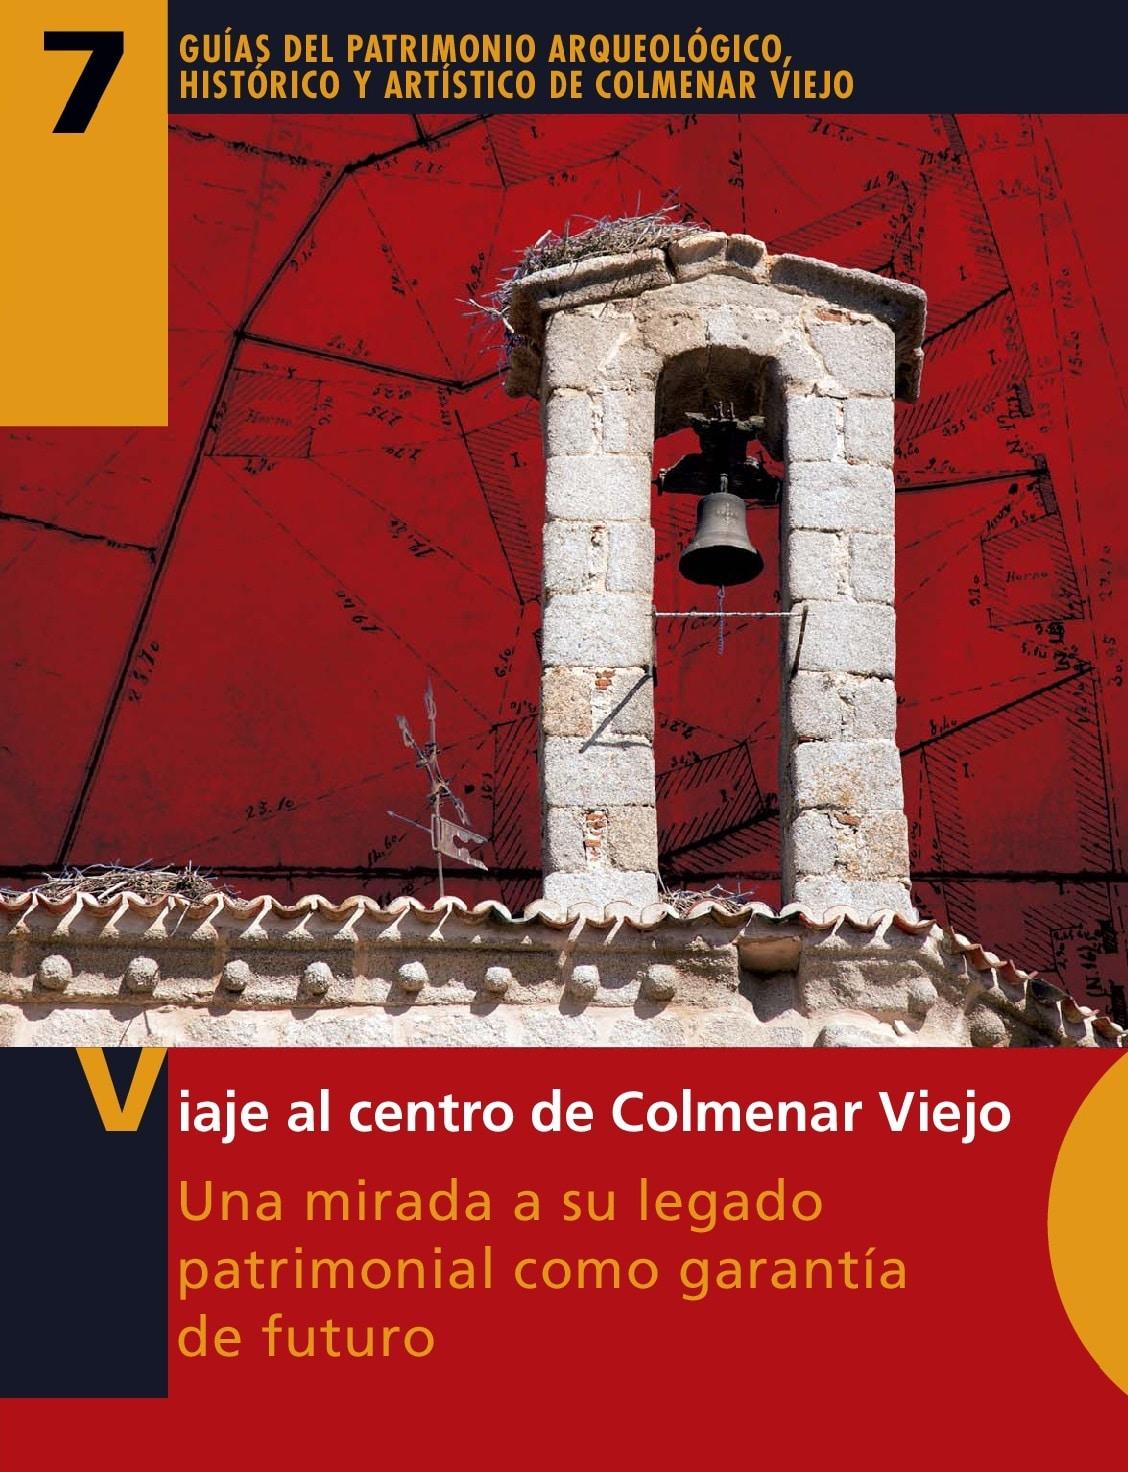 GUIA DE PATRIMONIO ARQUEOLOGICO_VIAJE AL CENTRO DE CV_Página_001